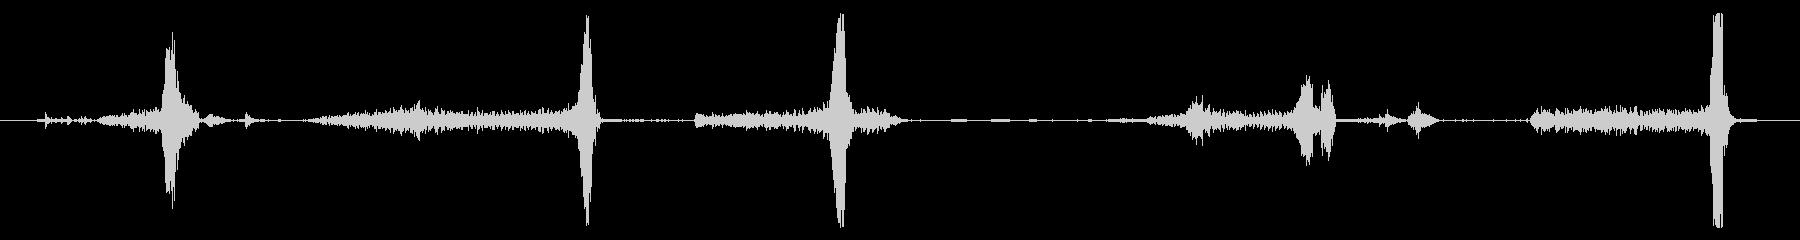 ラージウルフハウンド:Ext:Gr...の未再生の波形